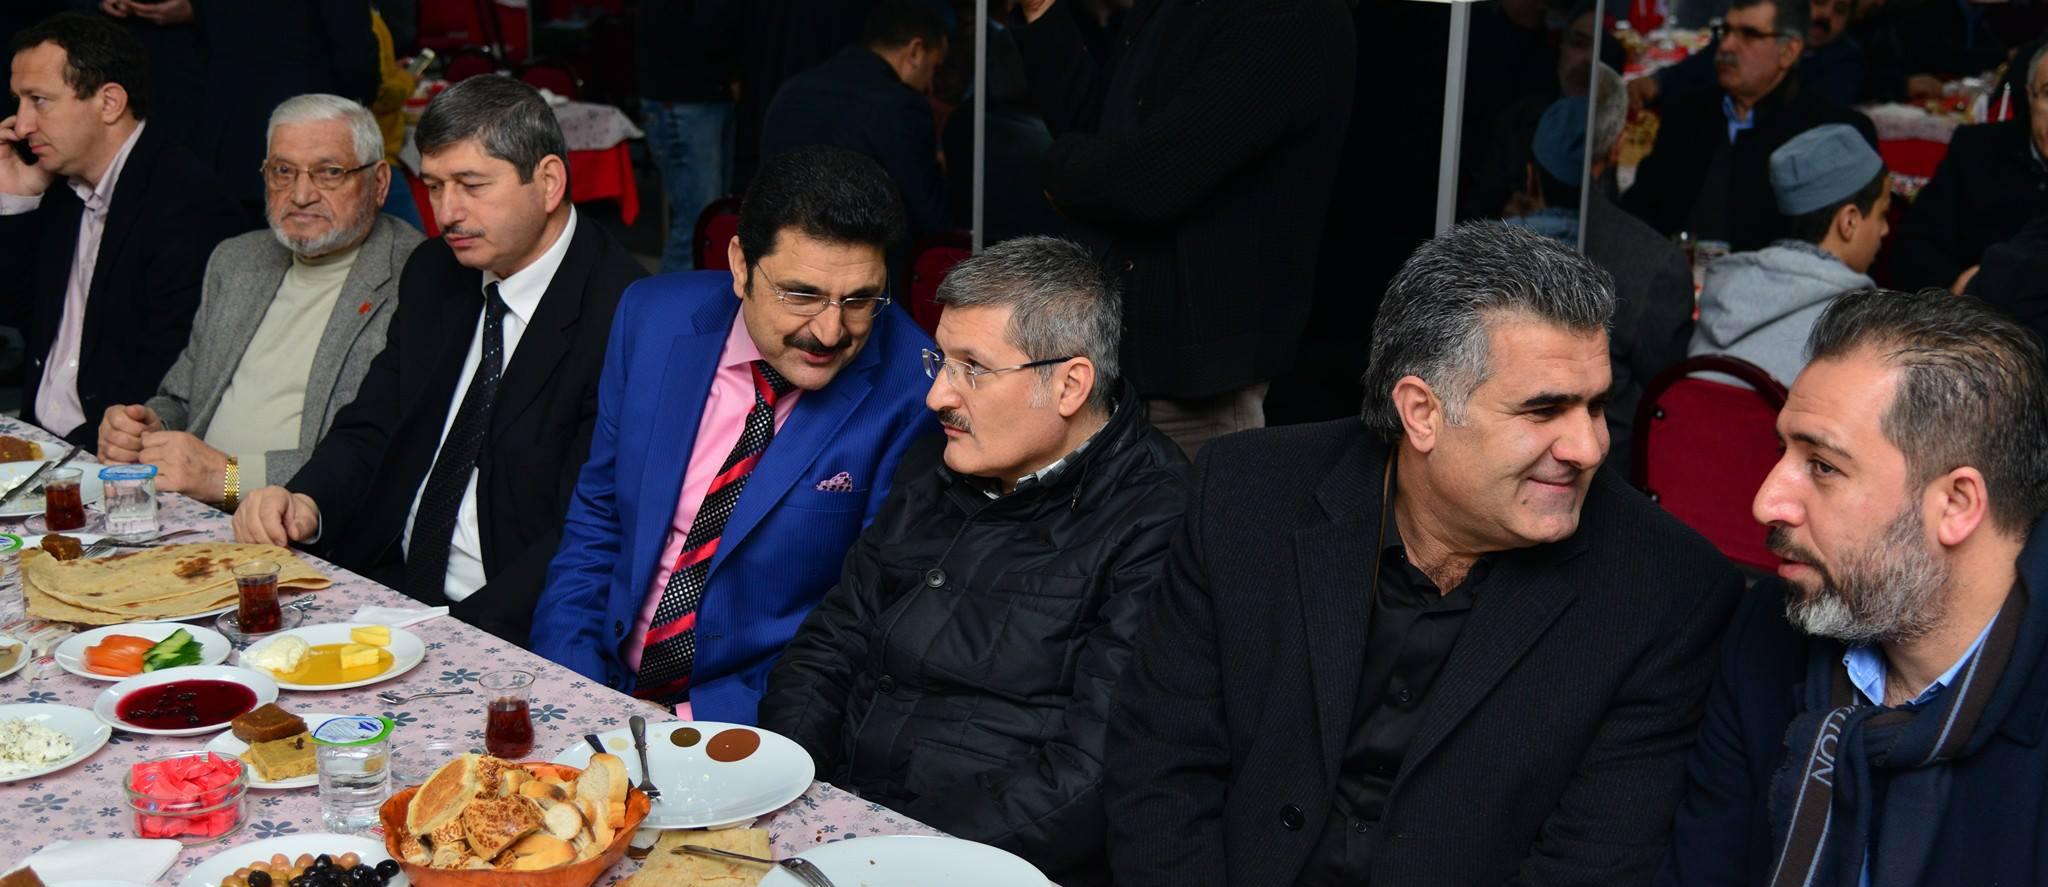 Van Ercişliler'in Referandum'da tercihi evet olacak!